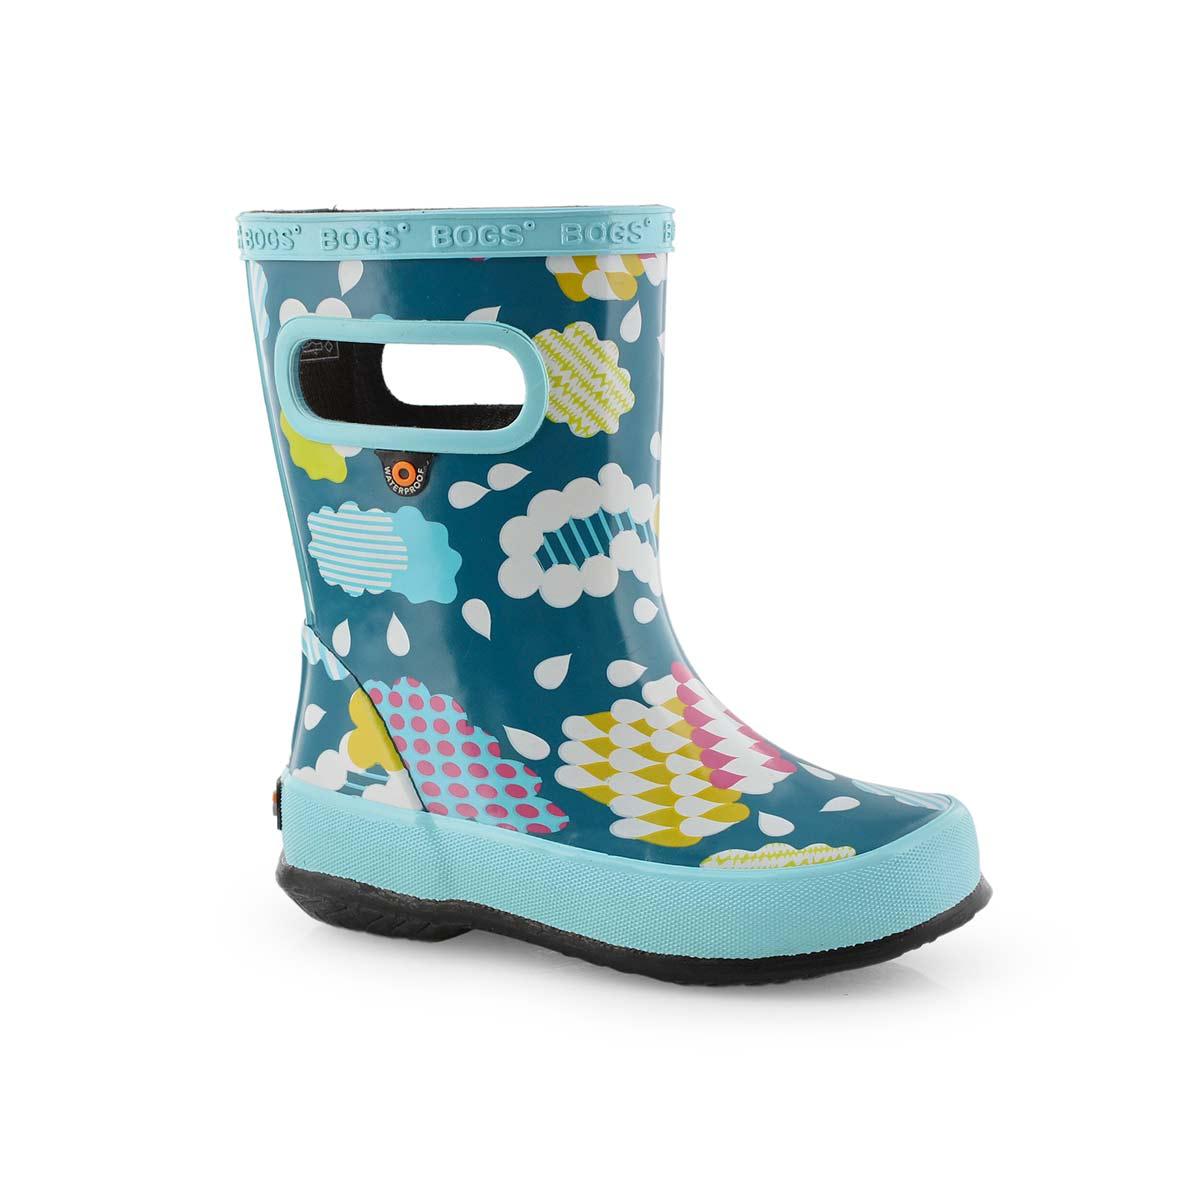 Inf-g Skipper Clouds aqua mlti rain boot